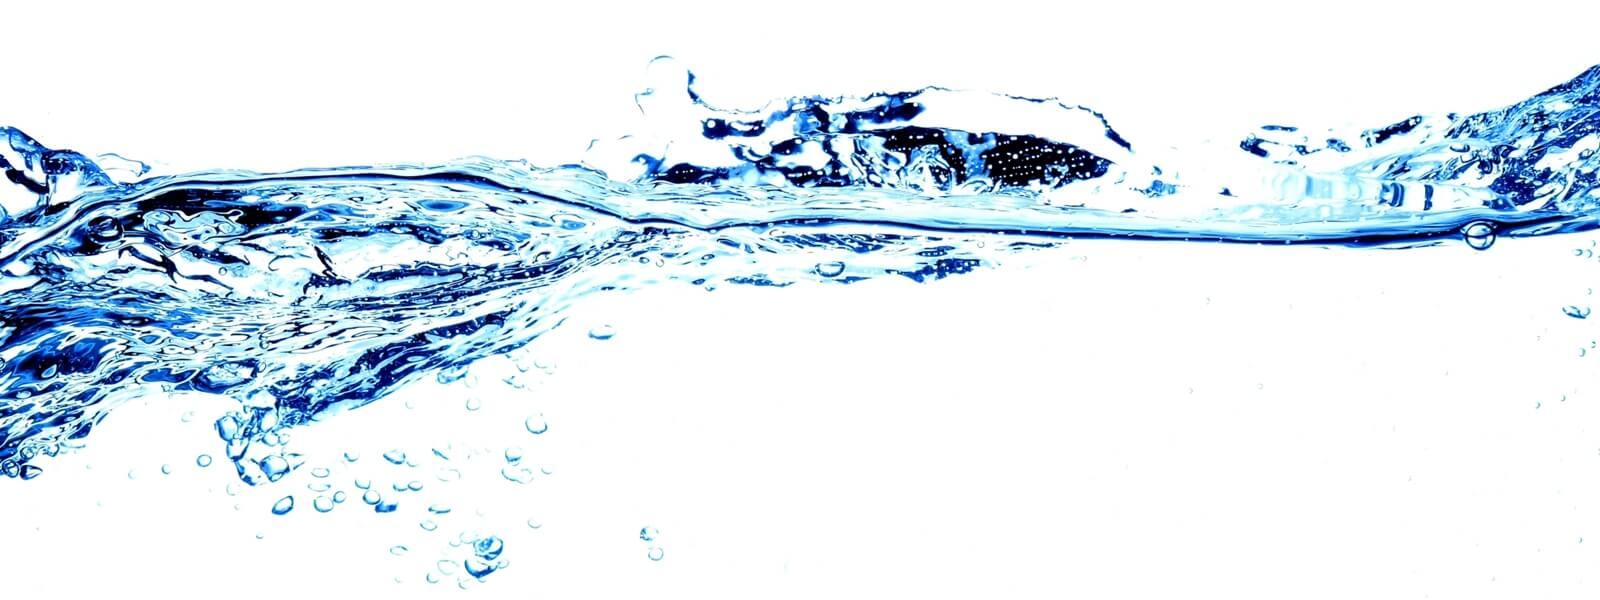 弱酸性パーマ、弱酸性縮毛矯正のイメージ画像